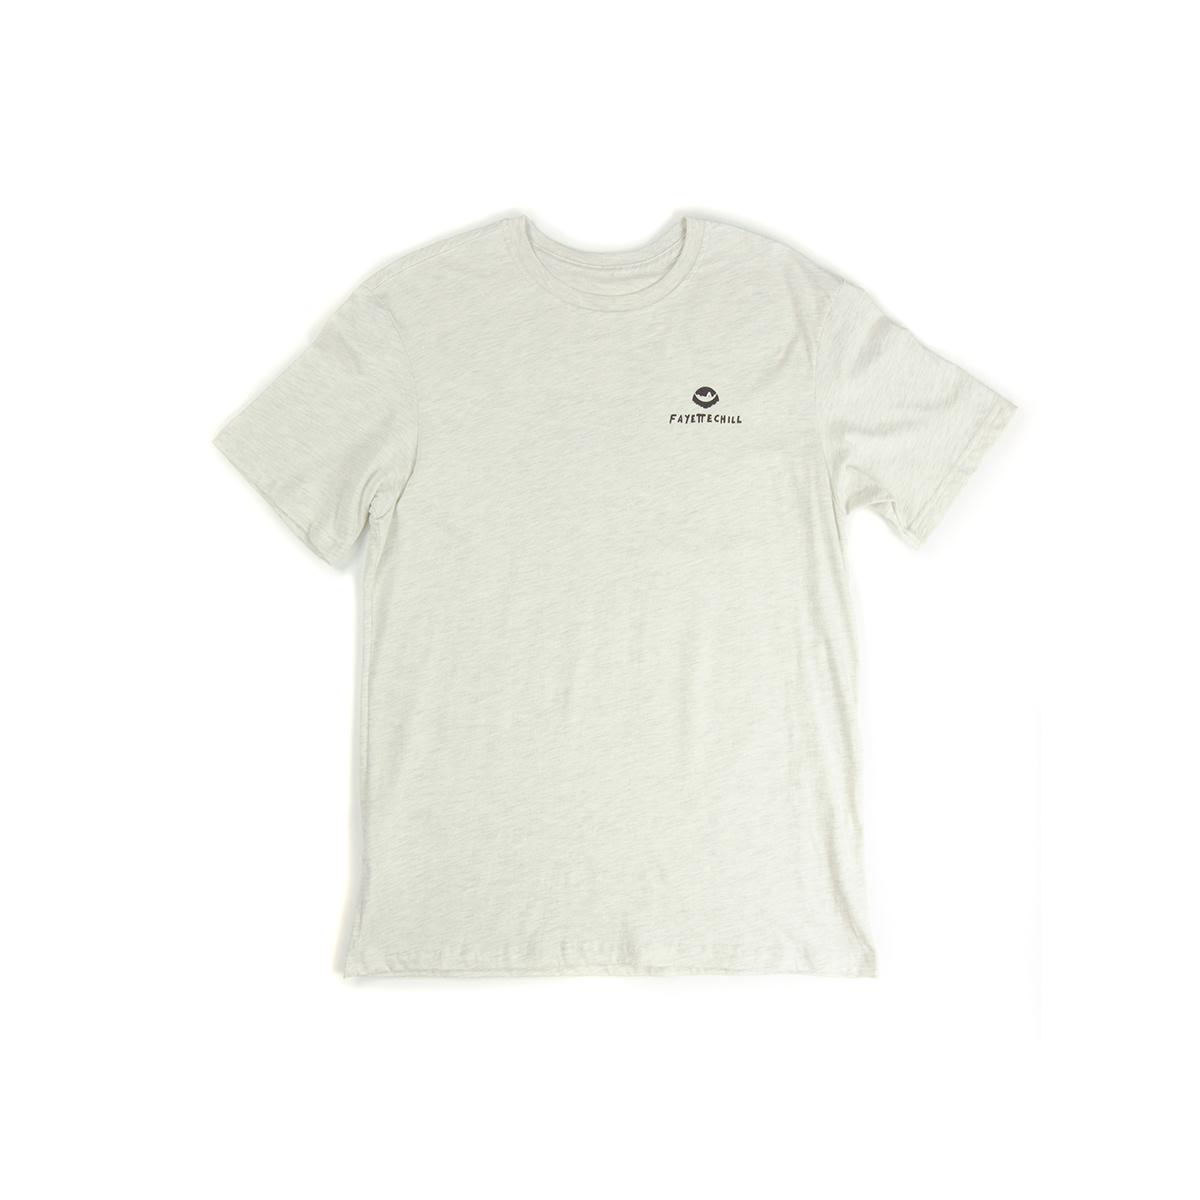 Fayettechill Men's Roadside Short Sleeve